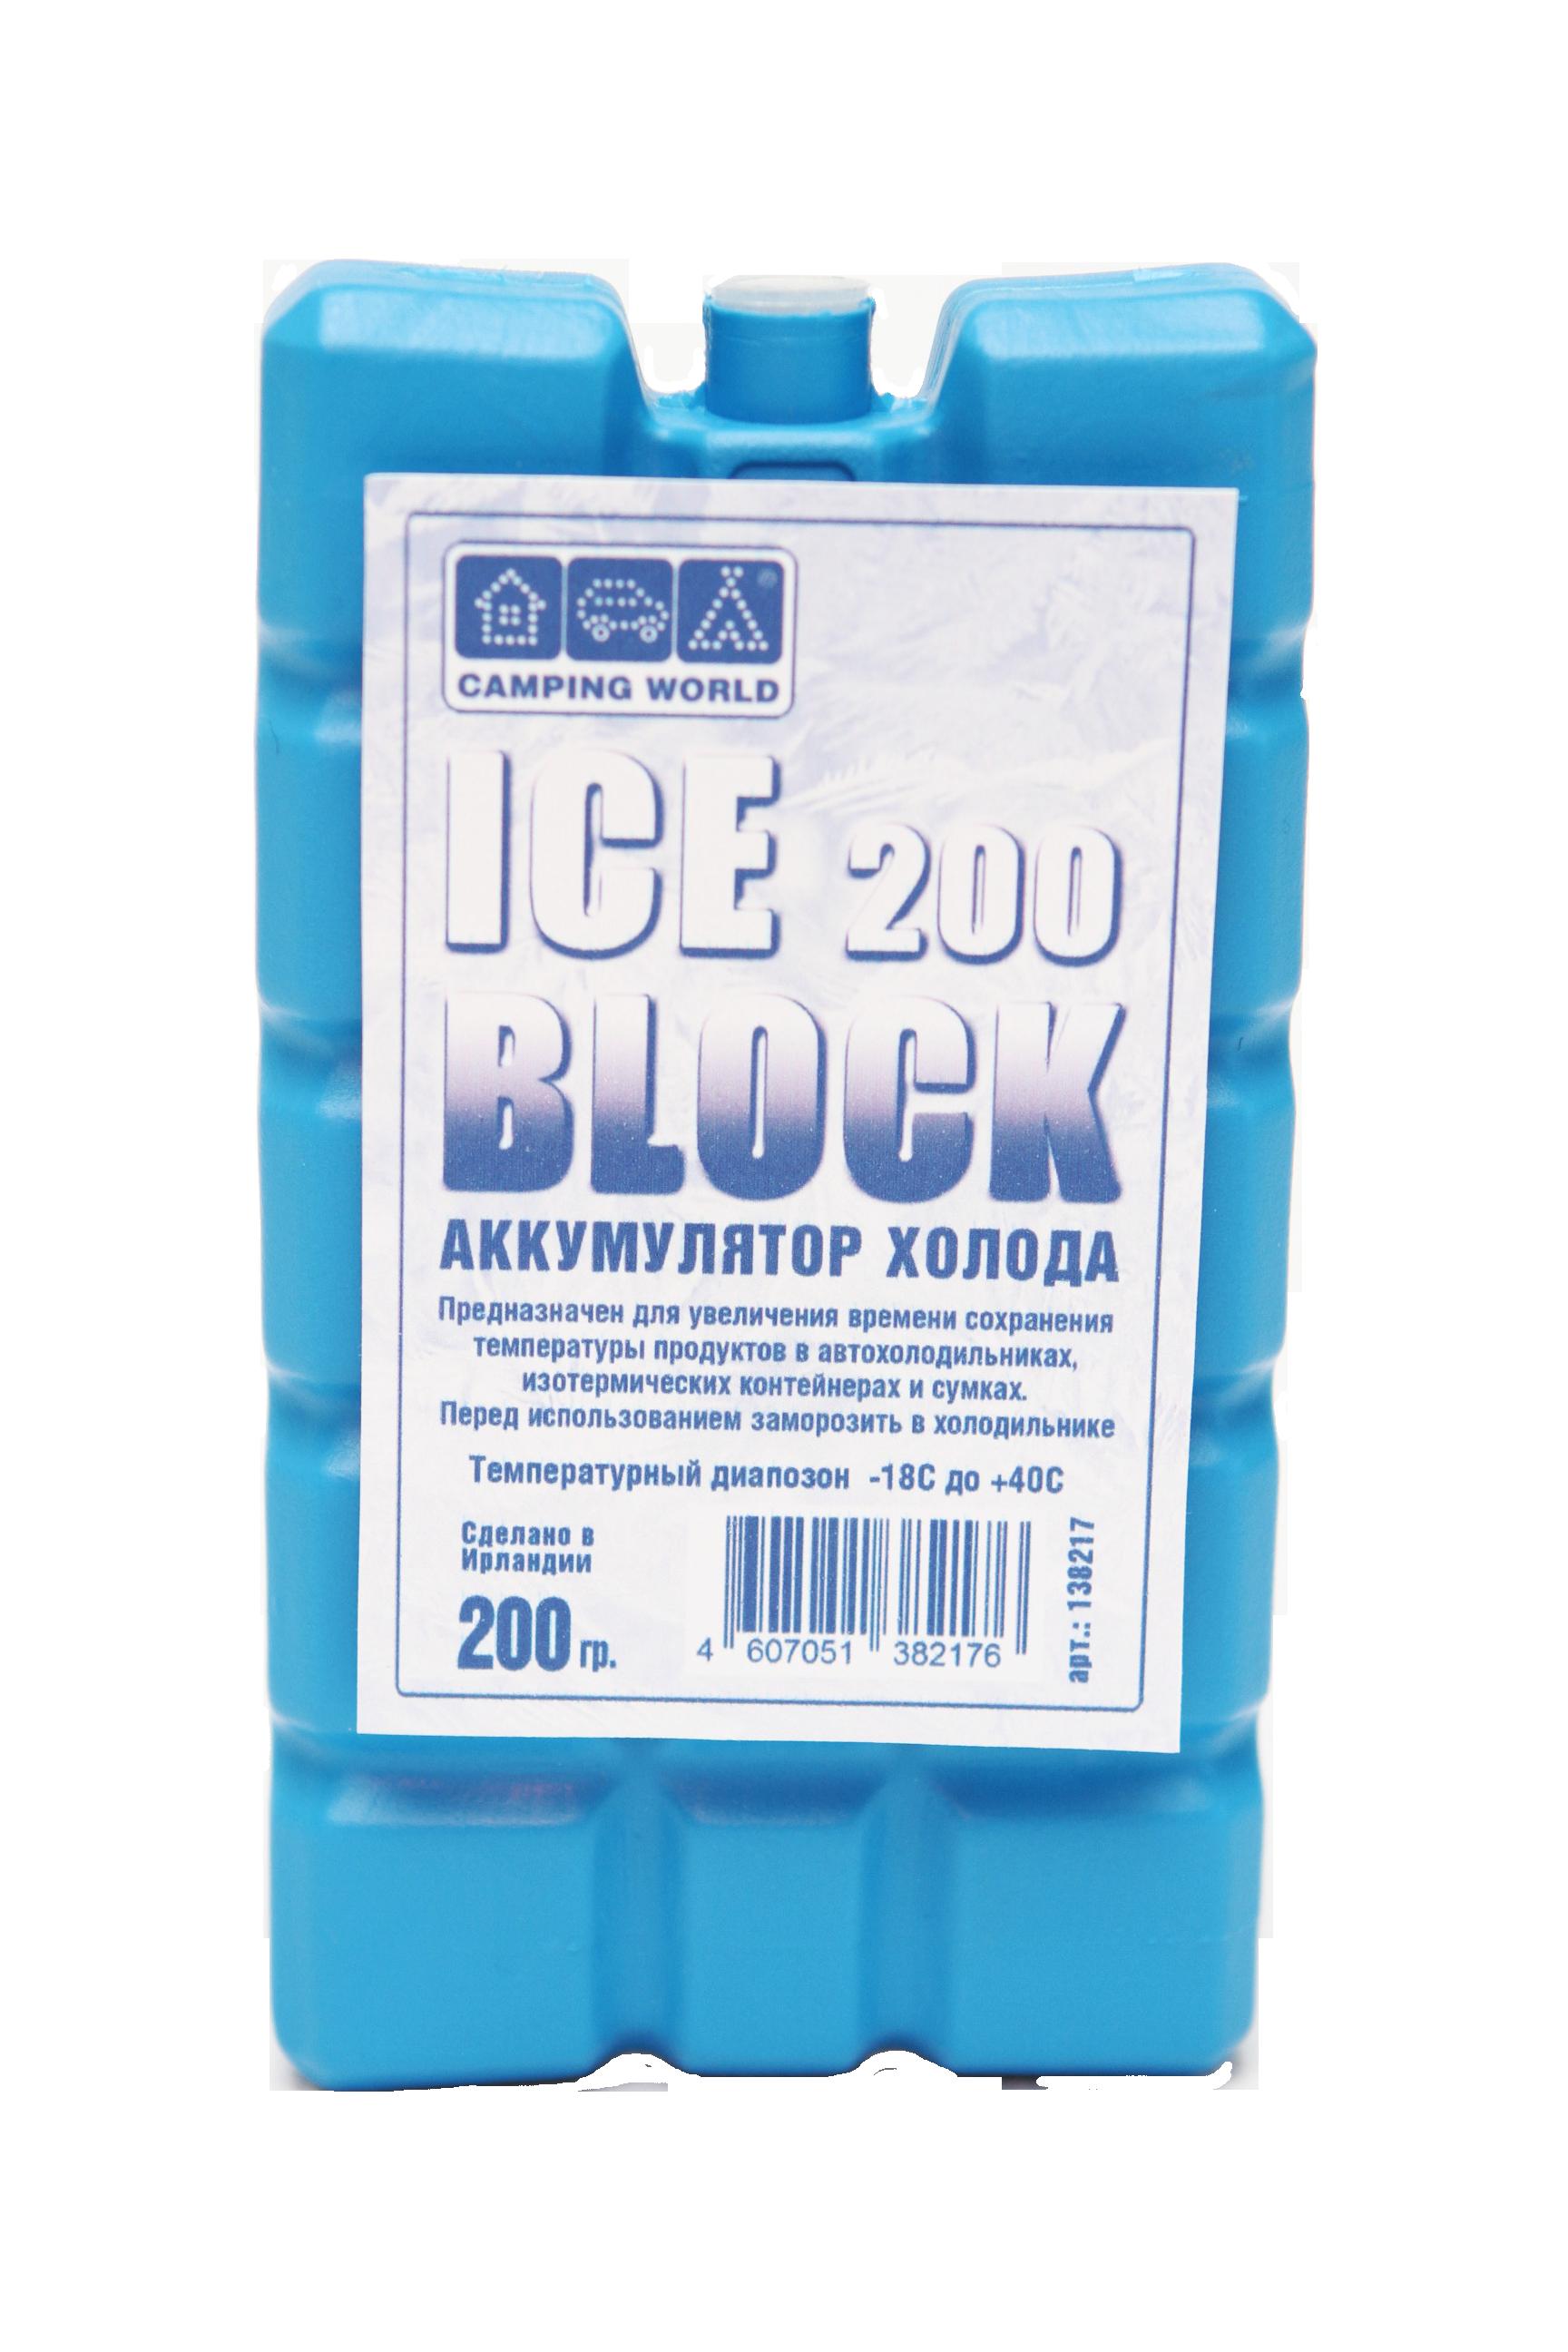 носить термобелье гелевые аккумуляторы холода для изотермических контейнеров отличие любого вида